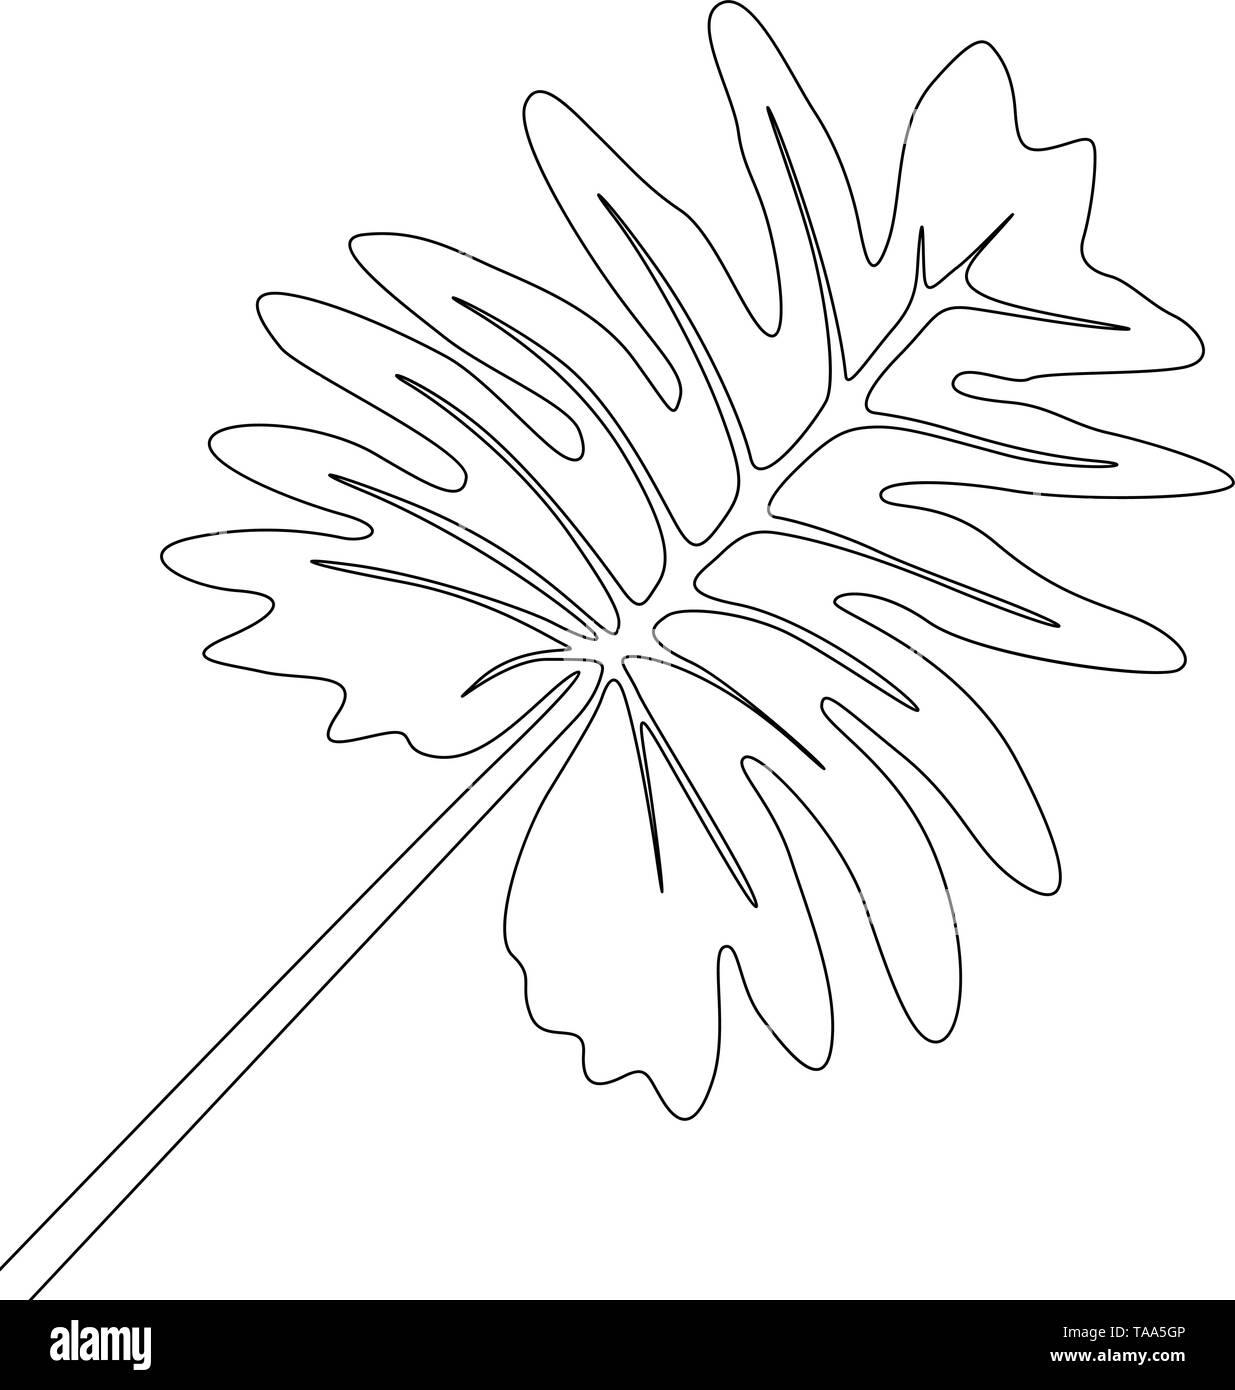 Eine Strichzeichnung tropischer Flora. Durchgehende Linie exotische tropische Pflanzen. Stockbild